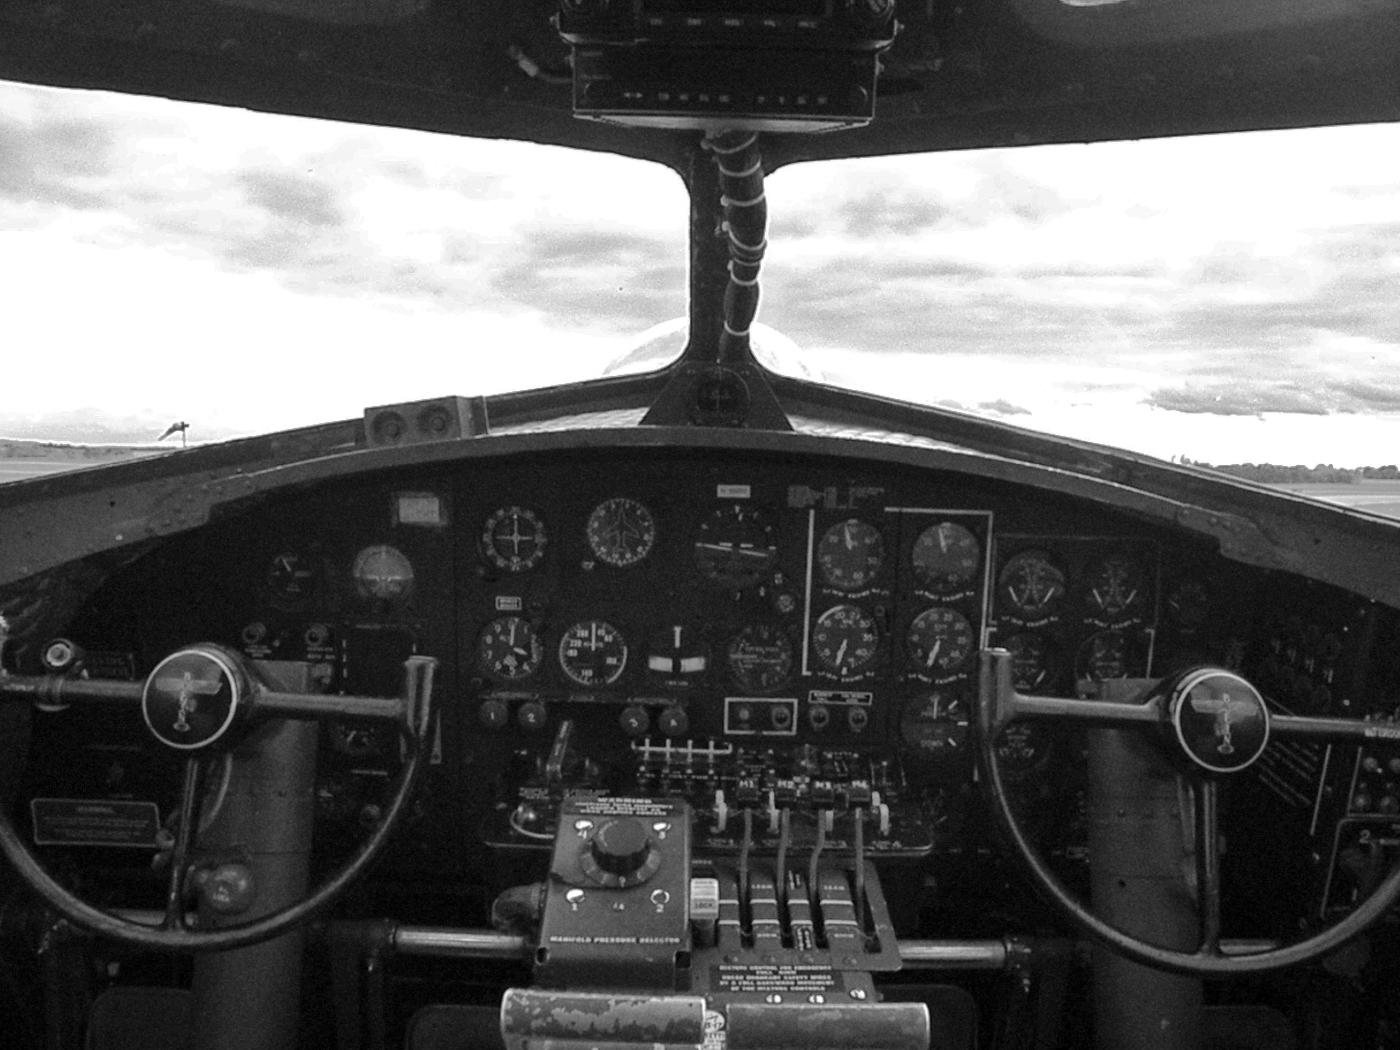 B17 Bomber Sentimental  Journey - Kevin Haggkvist